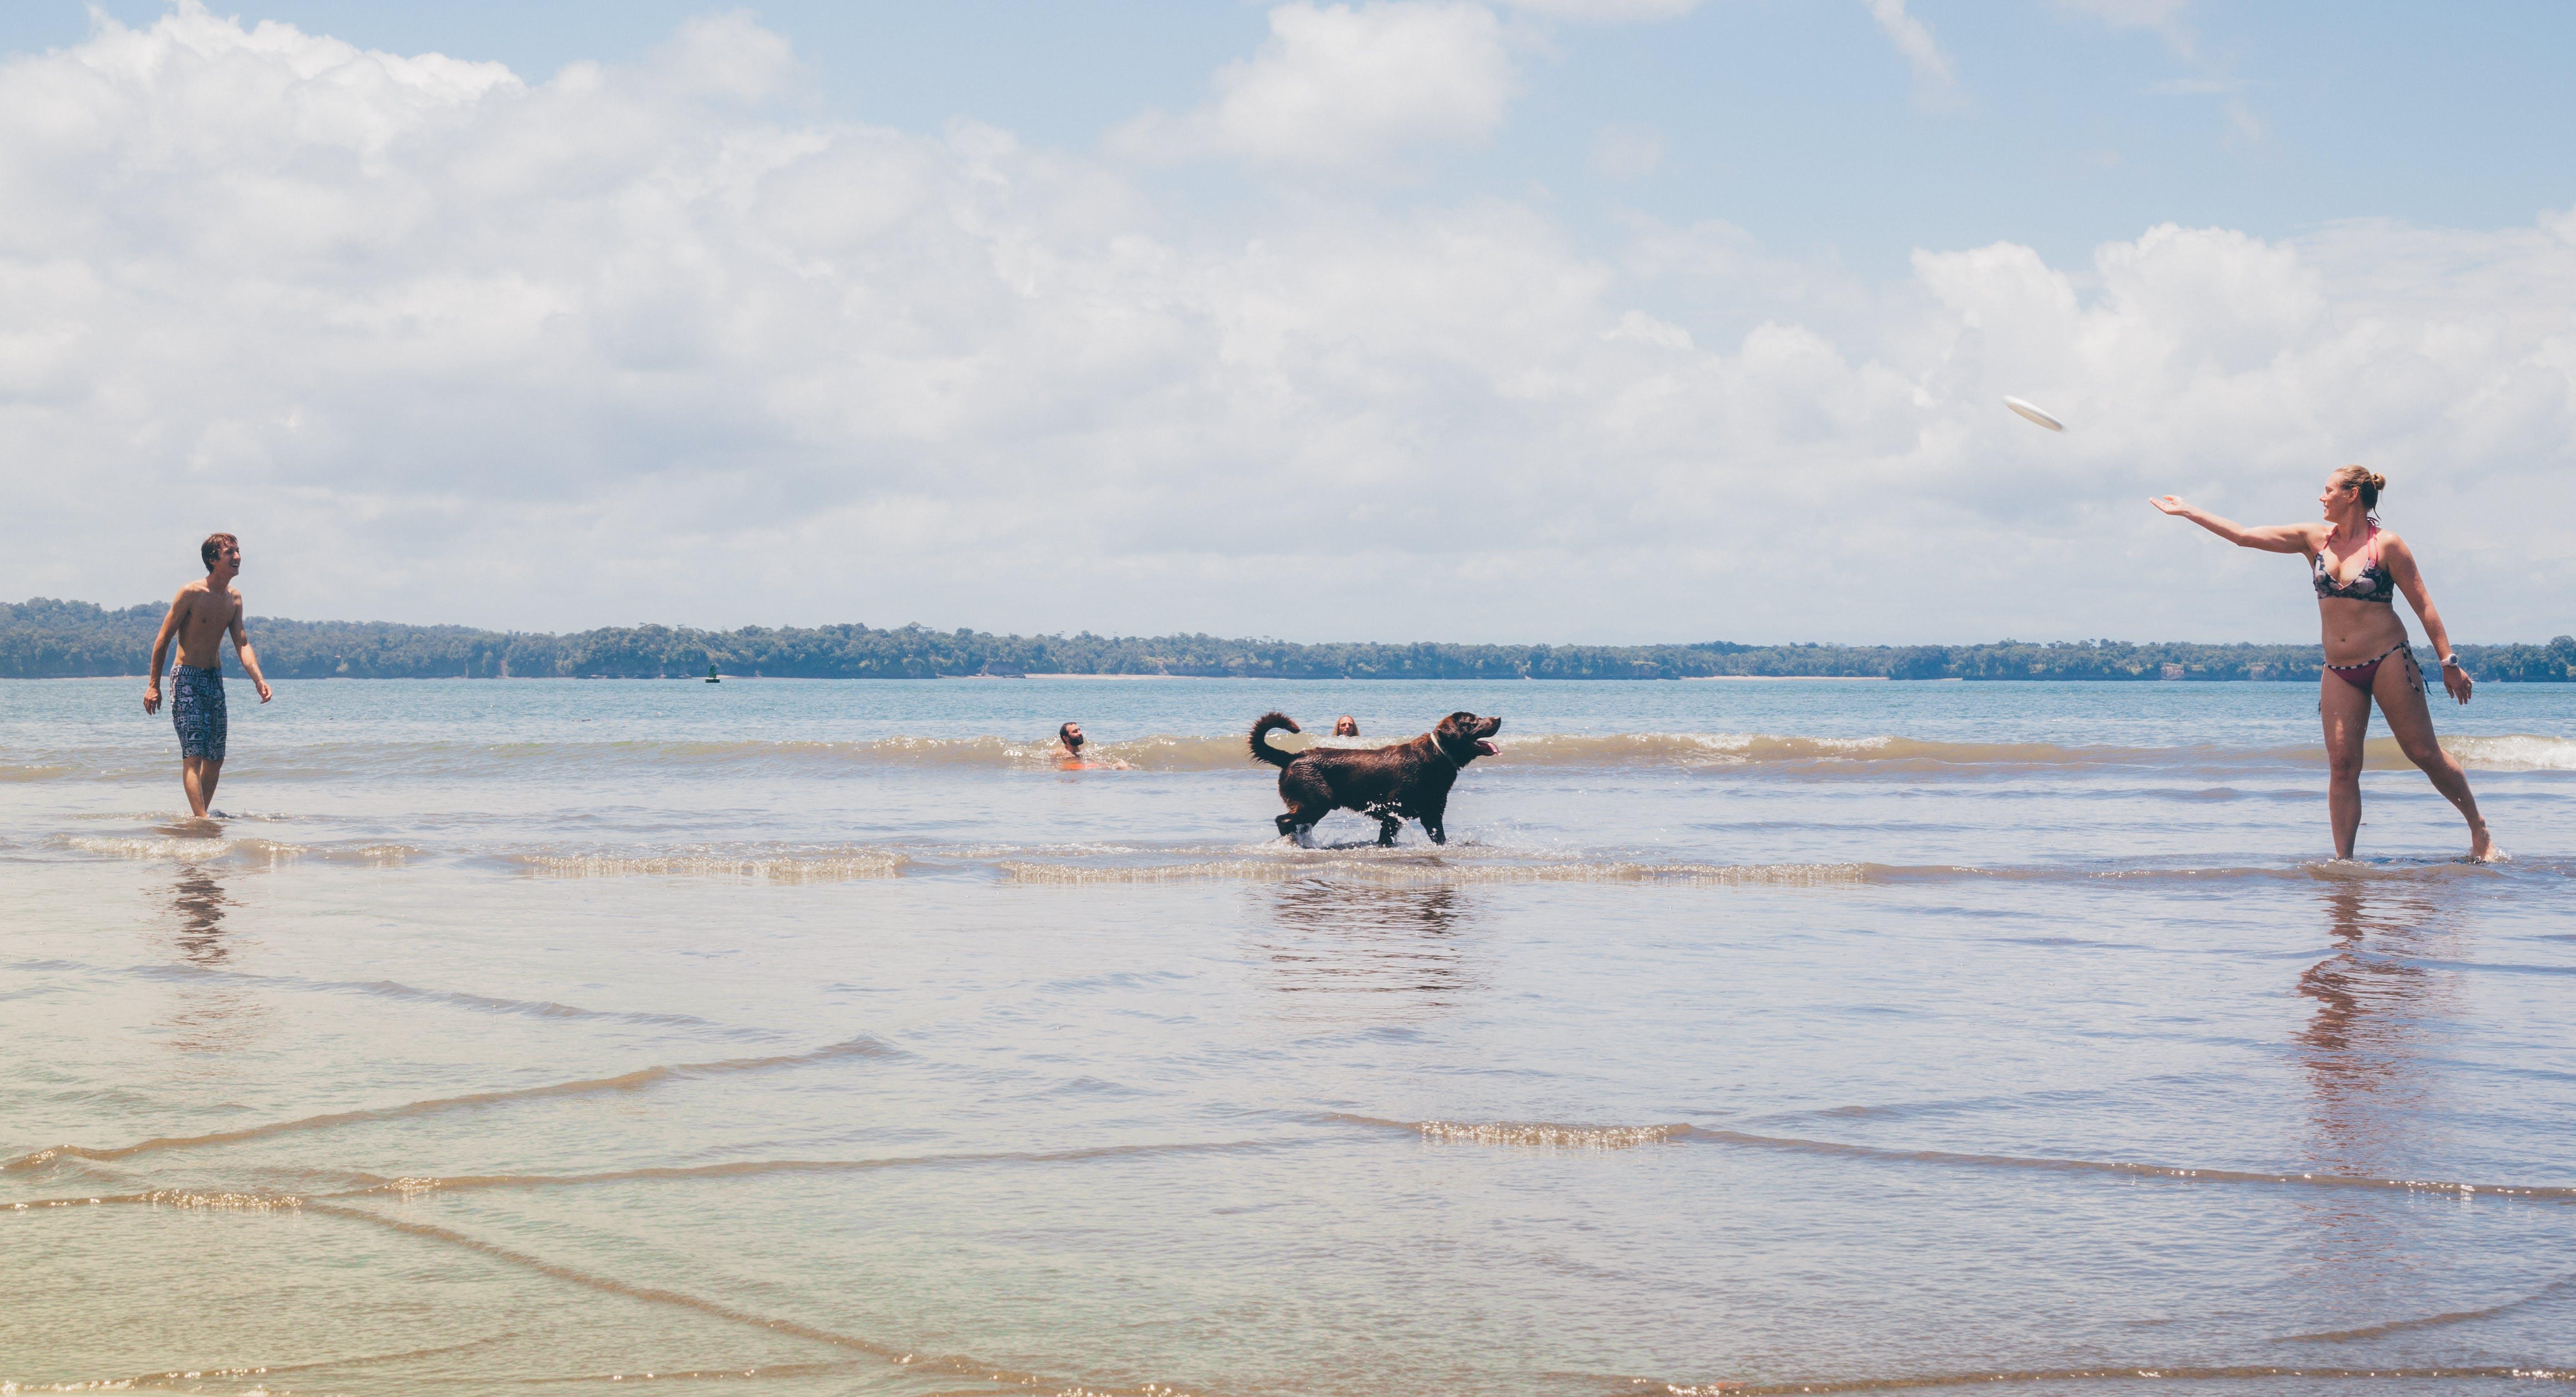 Short-coated Black Dog on Seashore